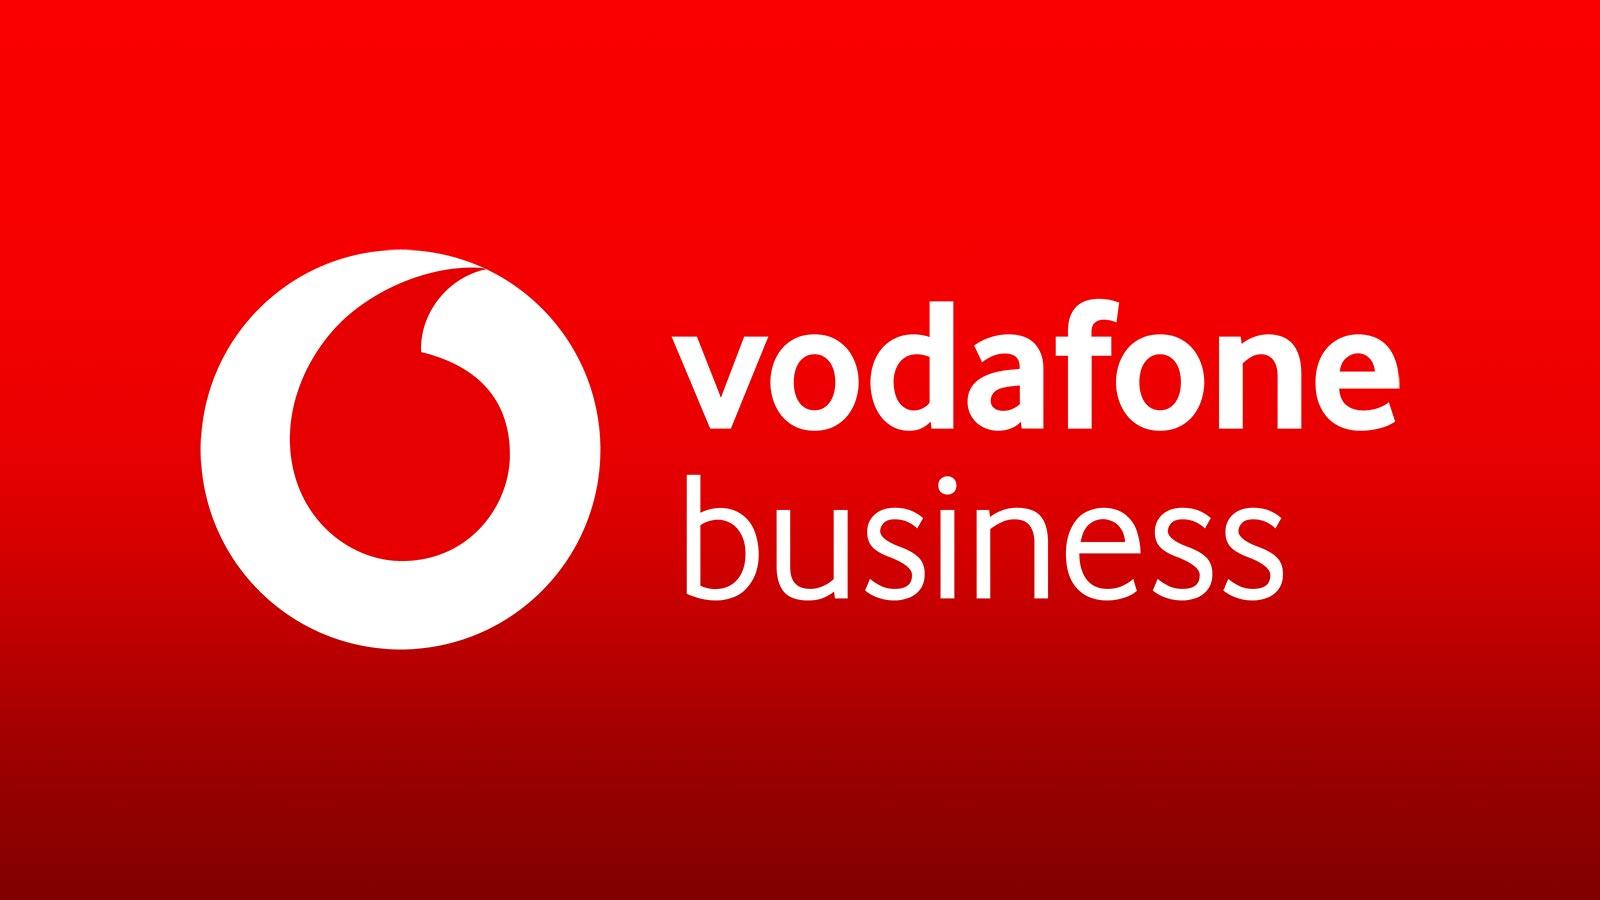 Business Lösungen Für Geschäftskunden Vodafone